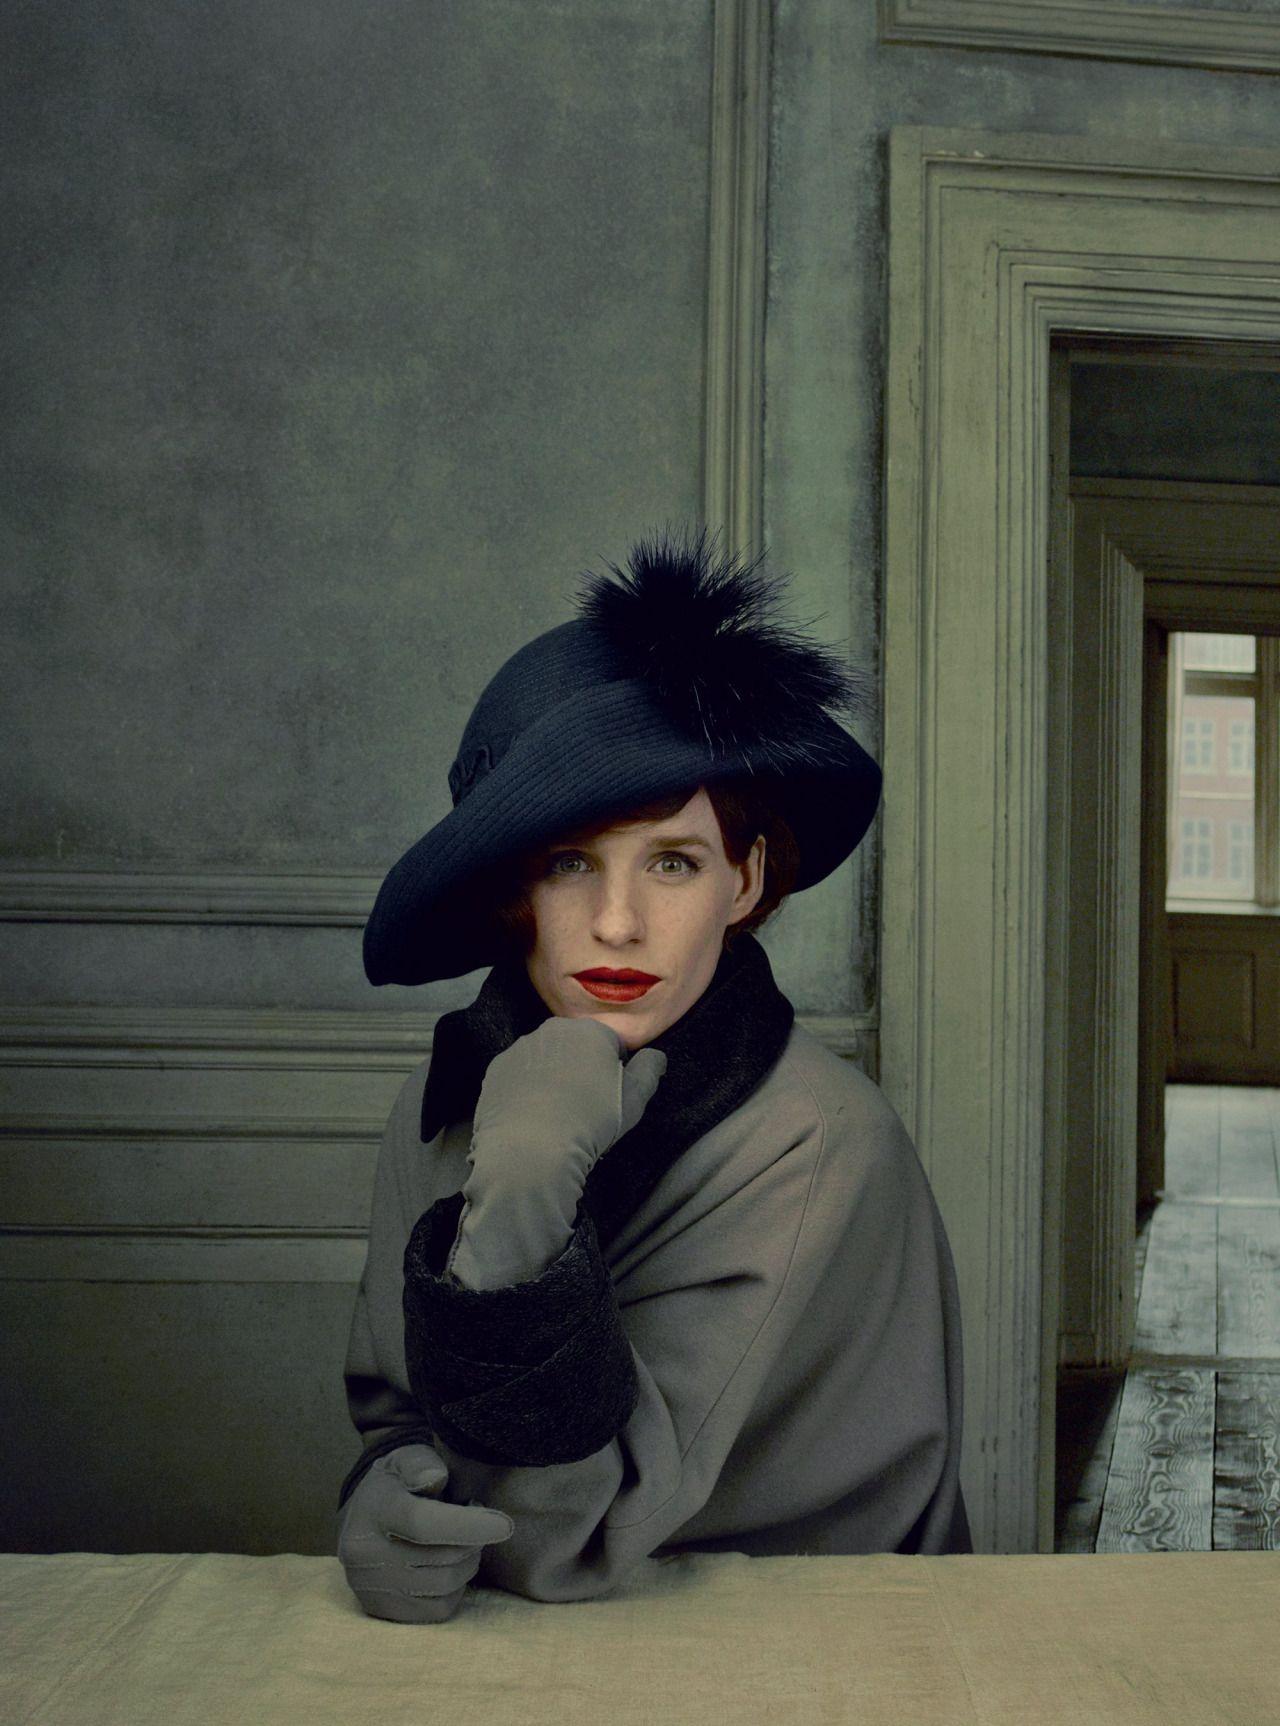 Wherearetheadvertisers Annie Leibovitz Photography Annie Leibovitz Portraits Annie Leibovitz Photos